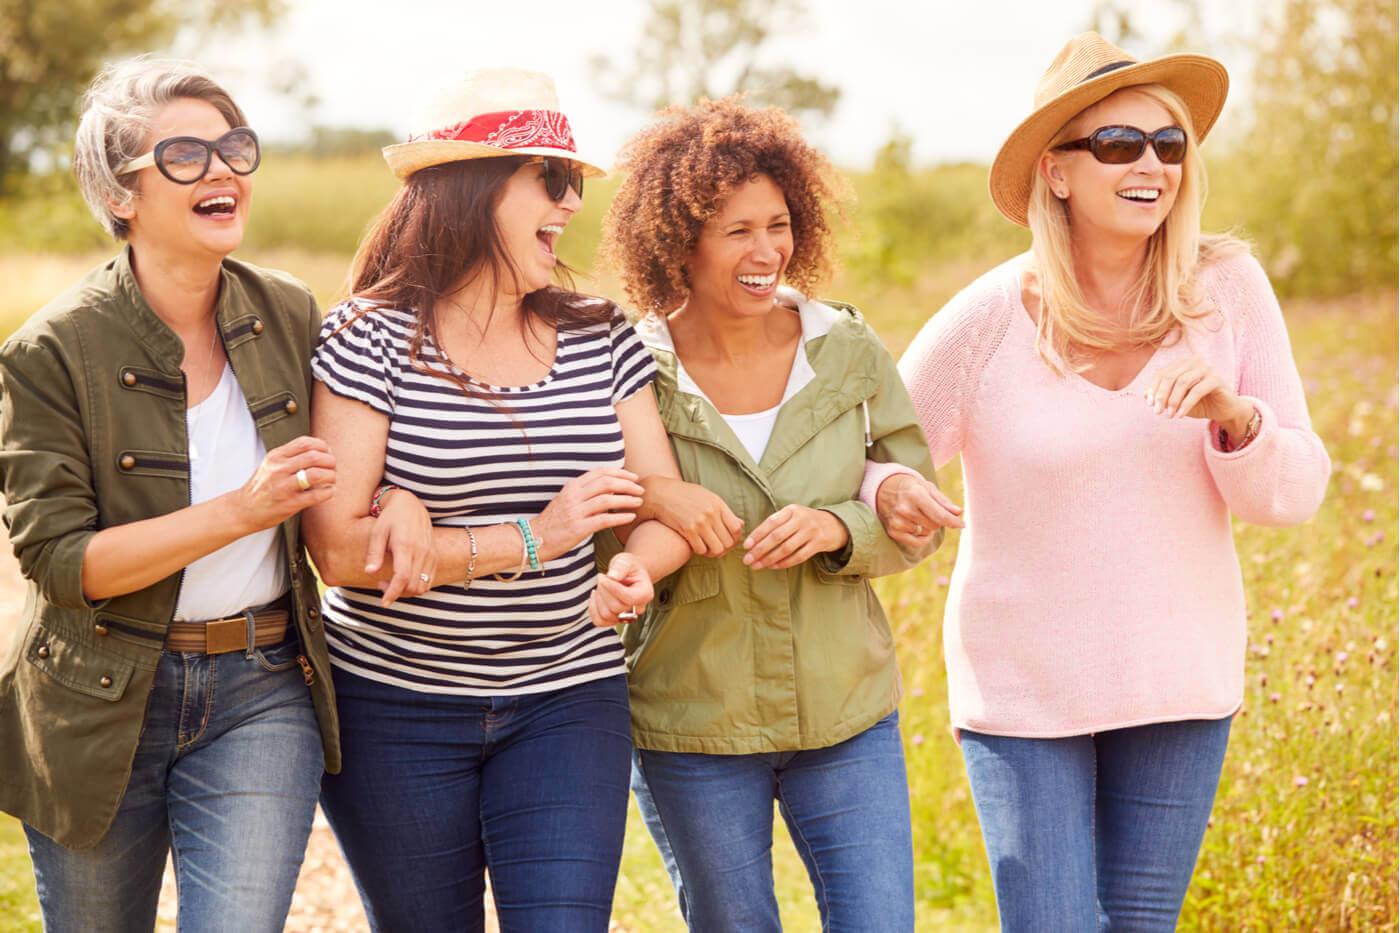 Donne adulte felici passeggiata.